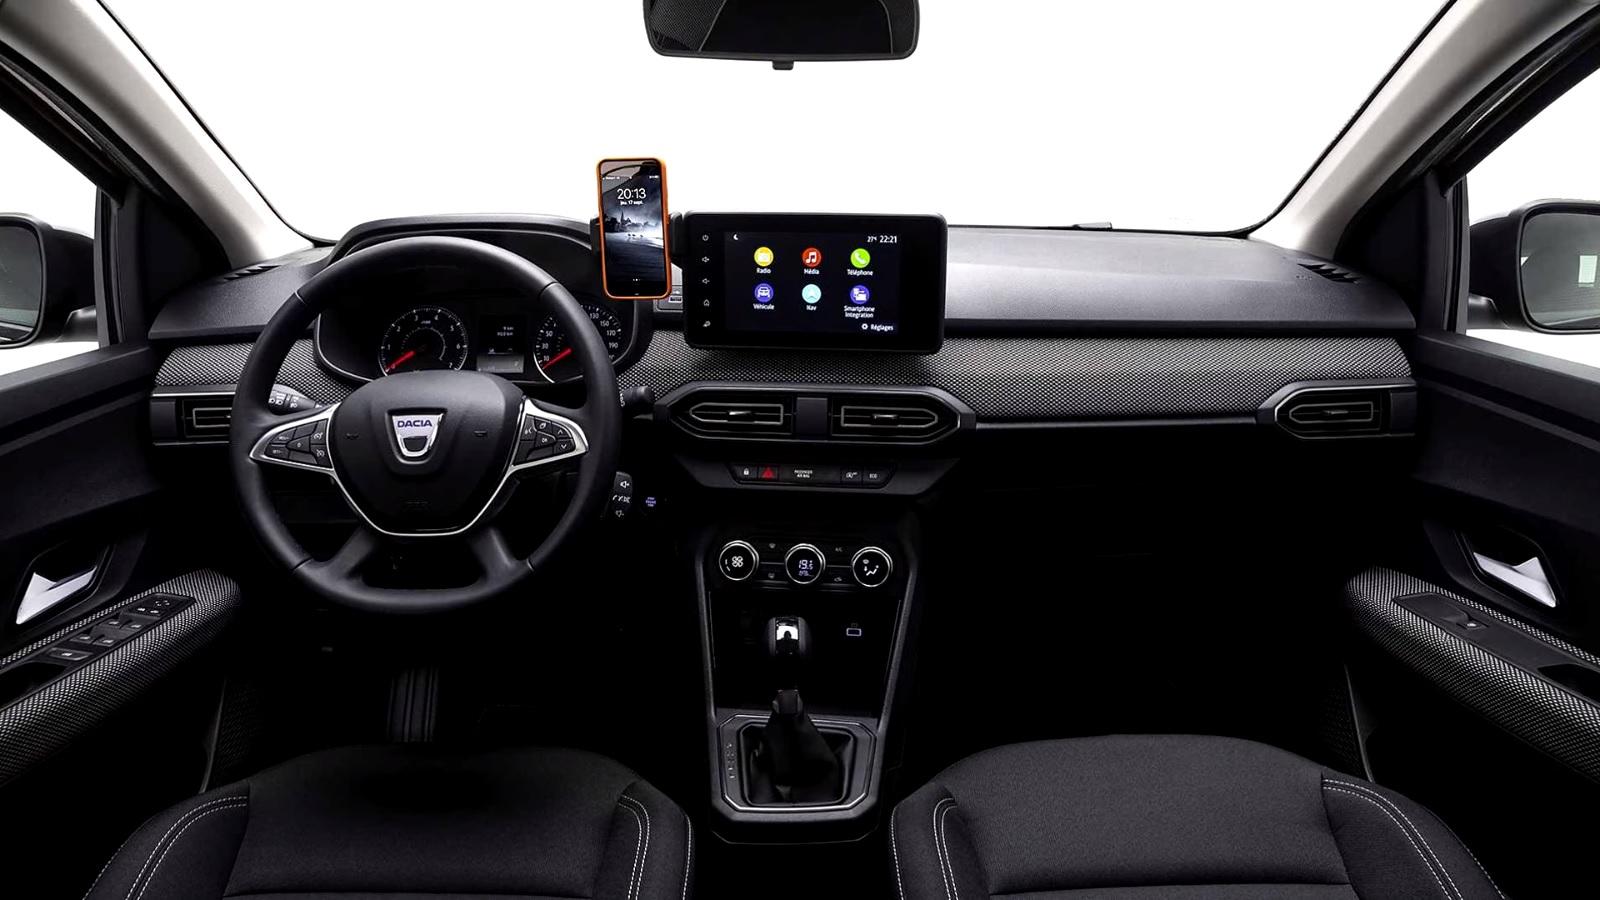 2020_Dacia_Logan_0006